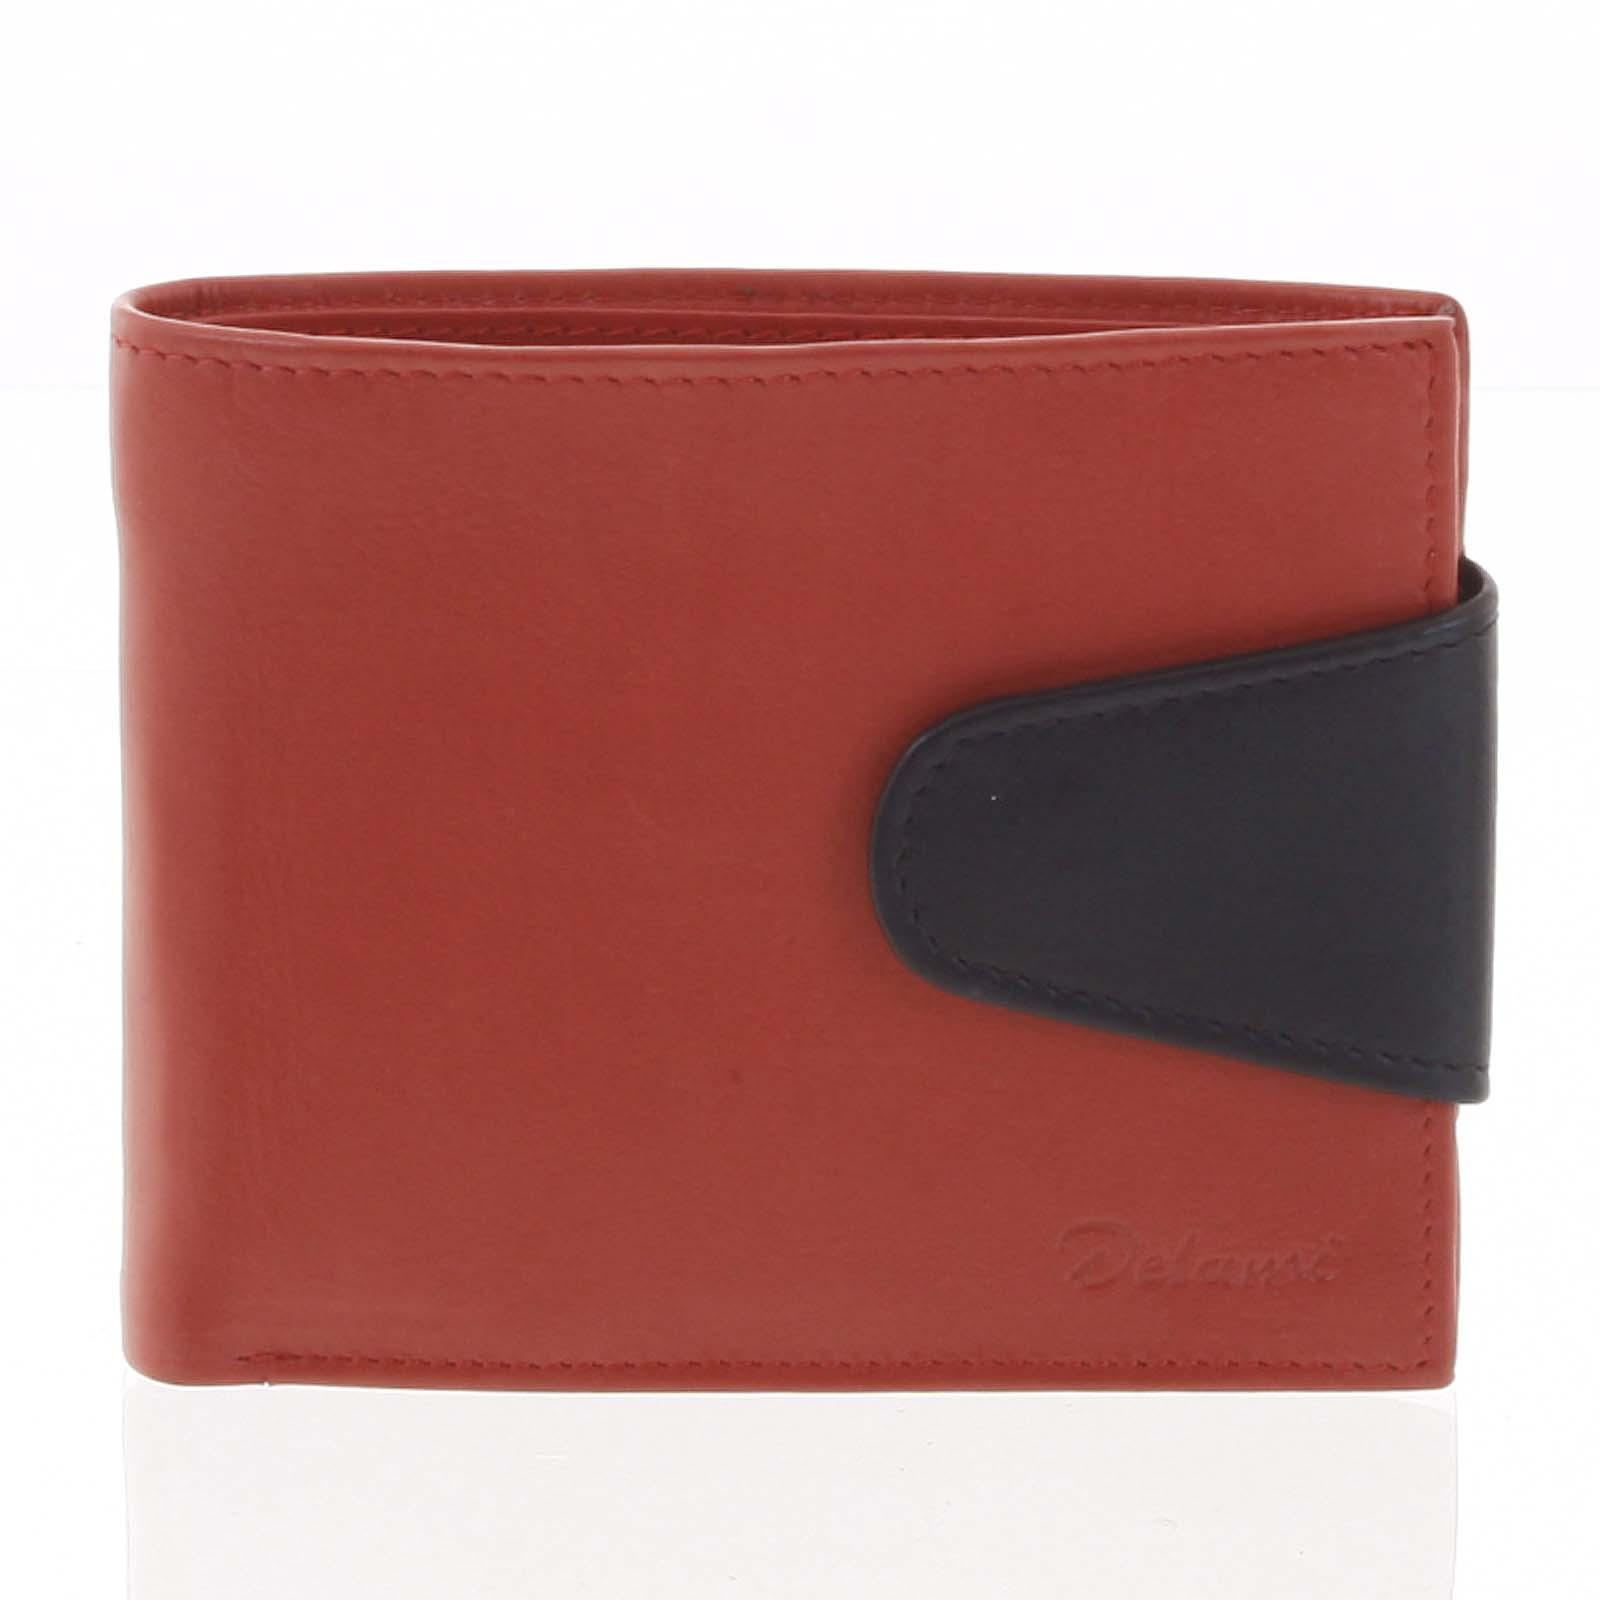 Pánska kožená peňaženka červená - Delami 11816